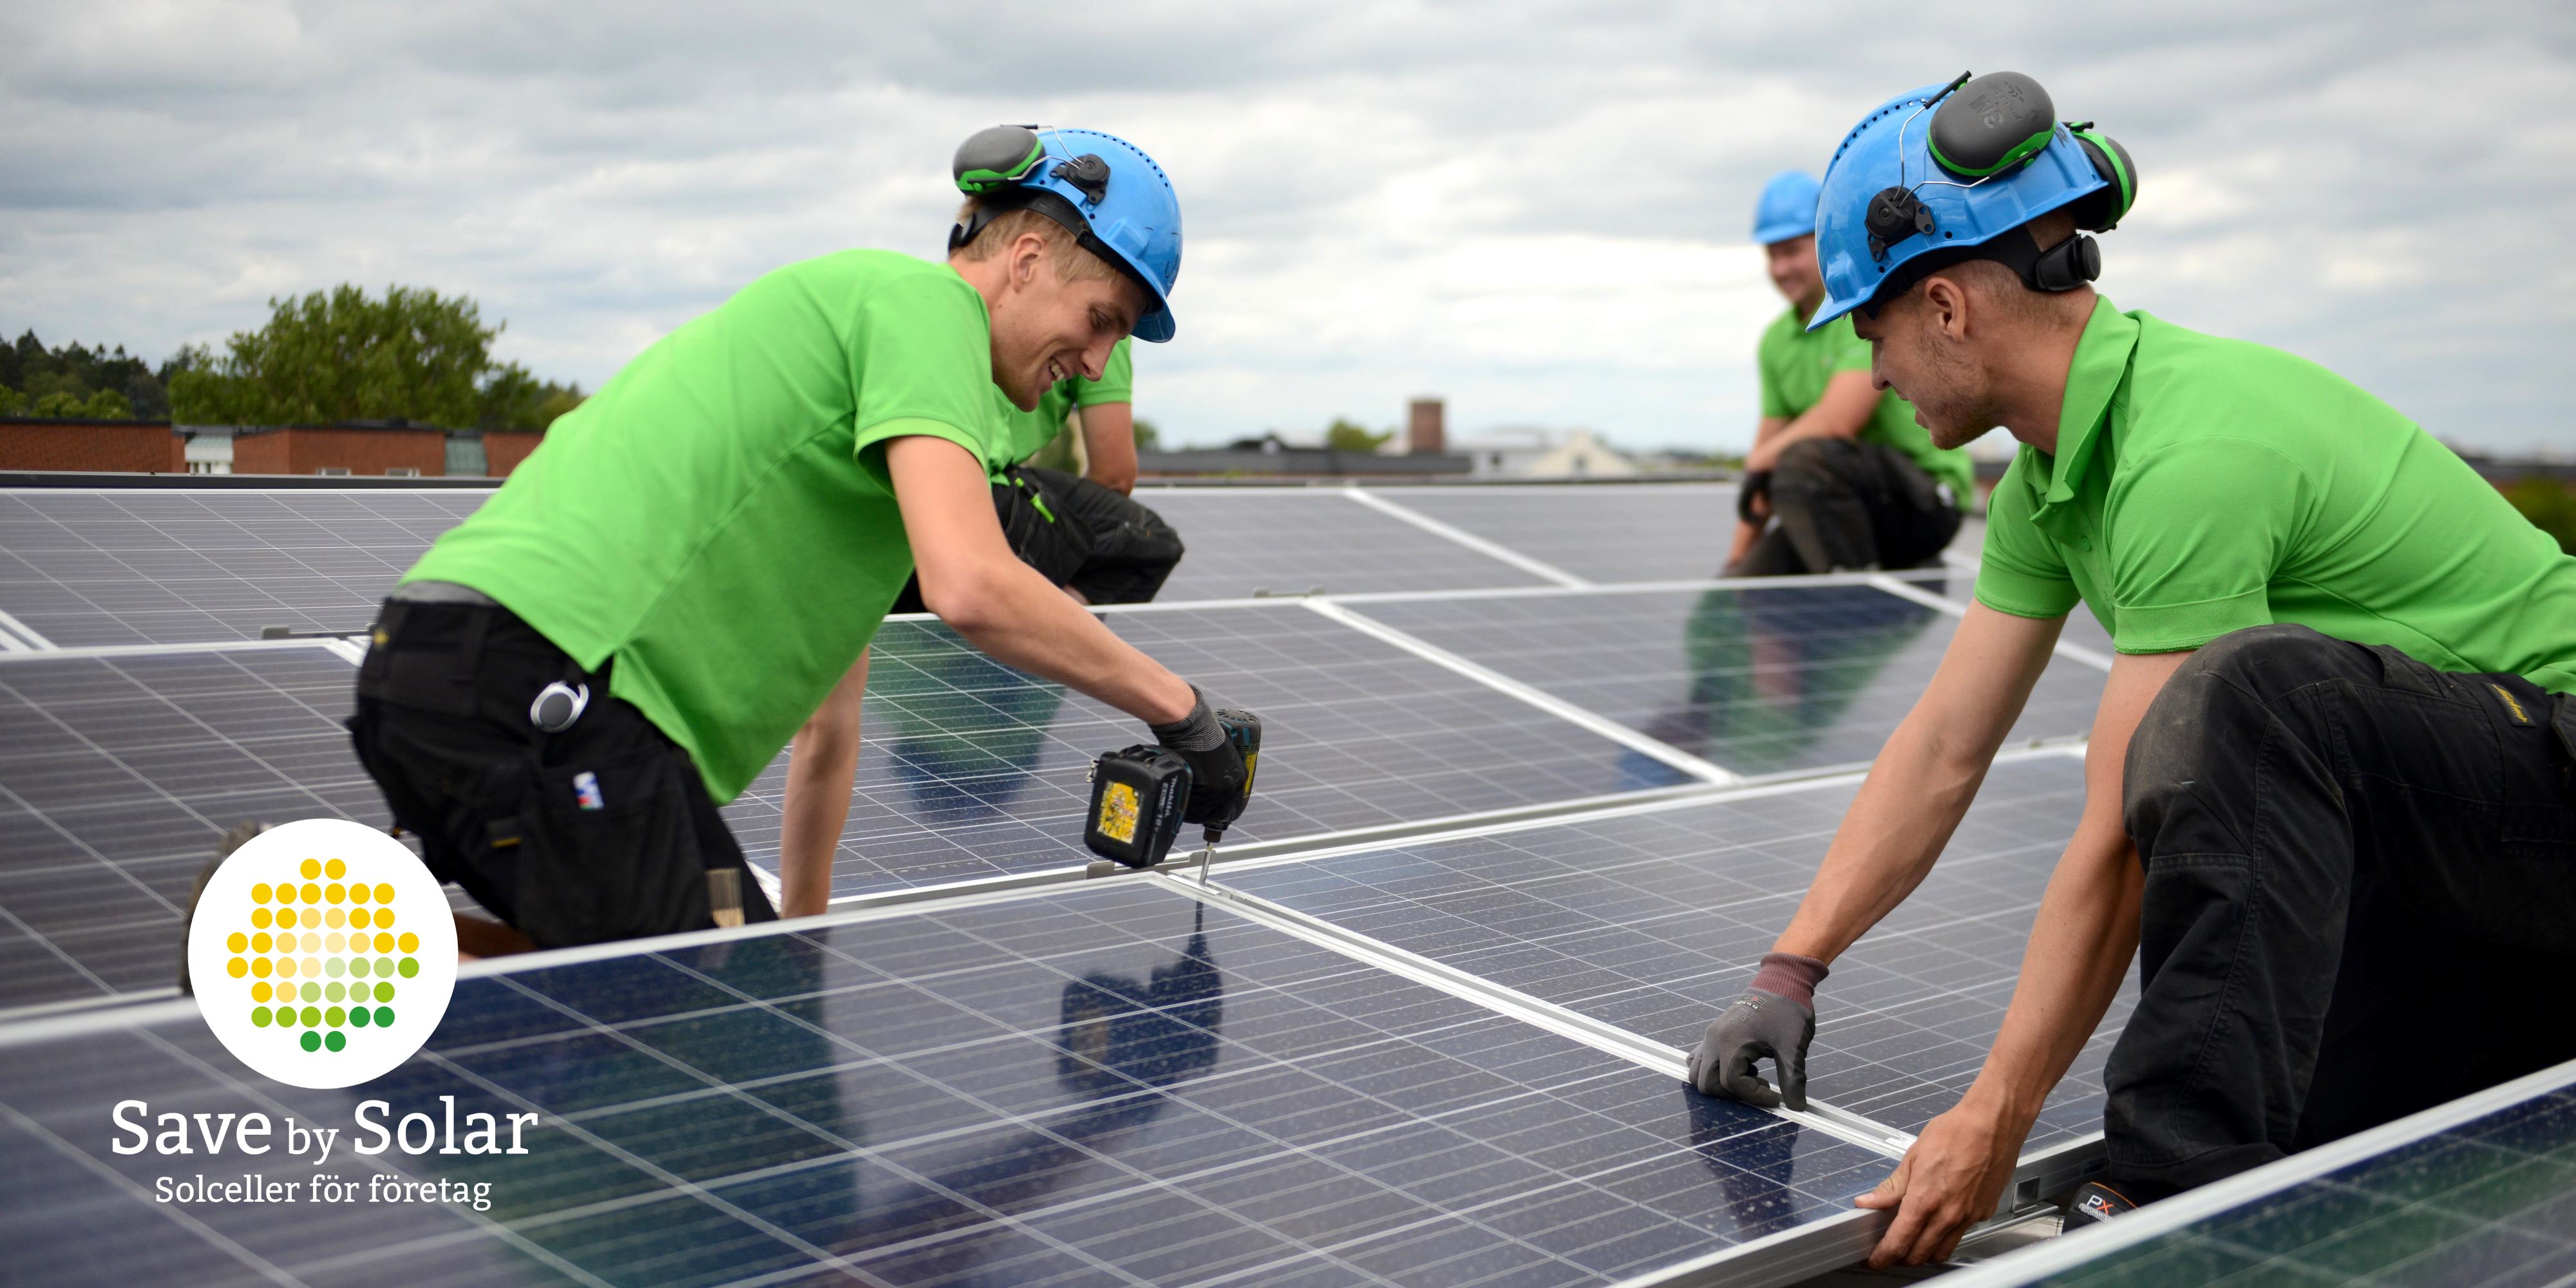 Andelen förnybar elproduktion spås öka i den globala energimixen. Solenergi är en viktig del av ökningen.